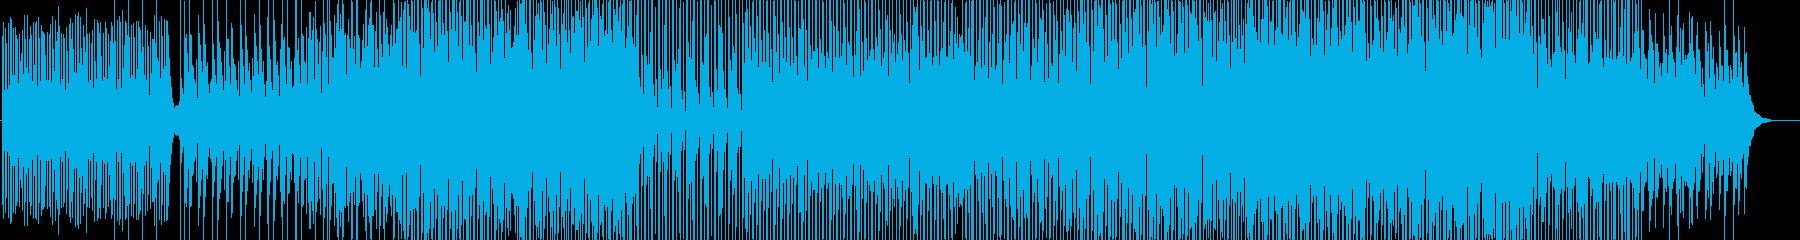 ナチュラル-EDM-PV-GoPro-爽の再生済みの波形